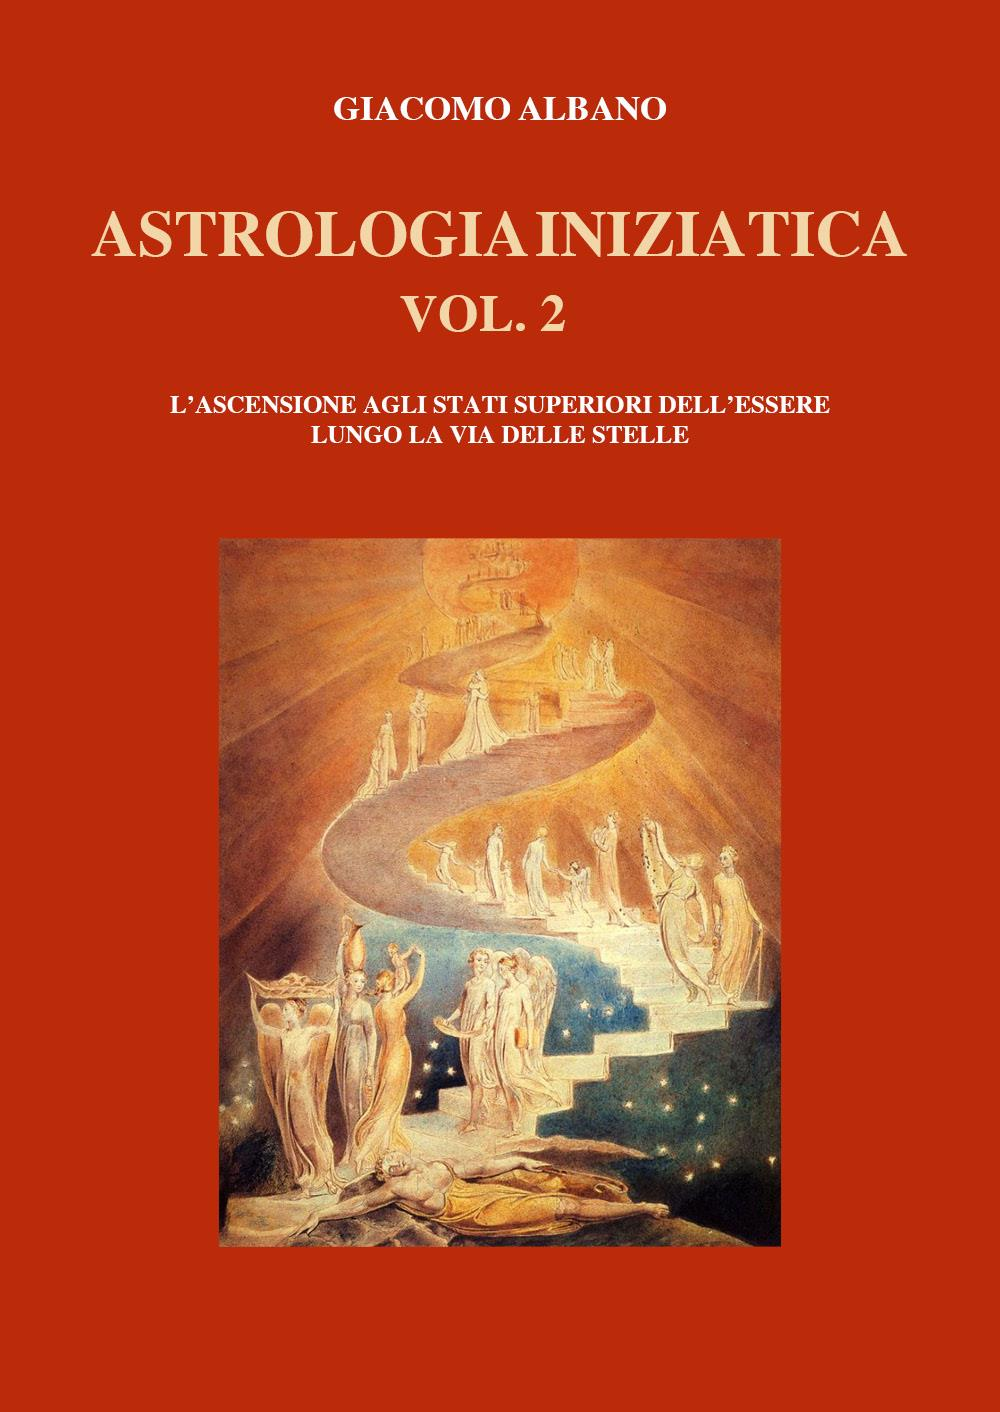 ASTROLOGIA INIZIATICA   VOL. 2  L'ASCENSIONE AGLI STATI SUPERIORI DELL'ESSERE LUNGO LA VIA DELLE STELLE